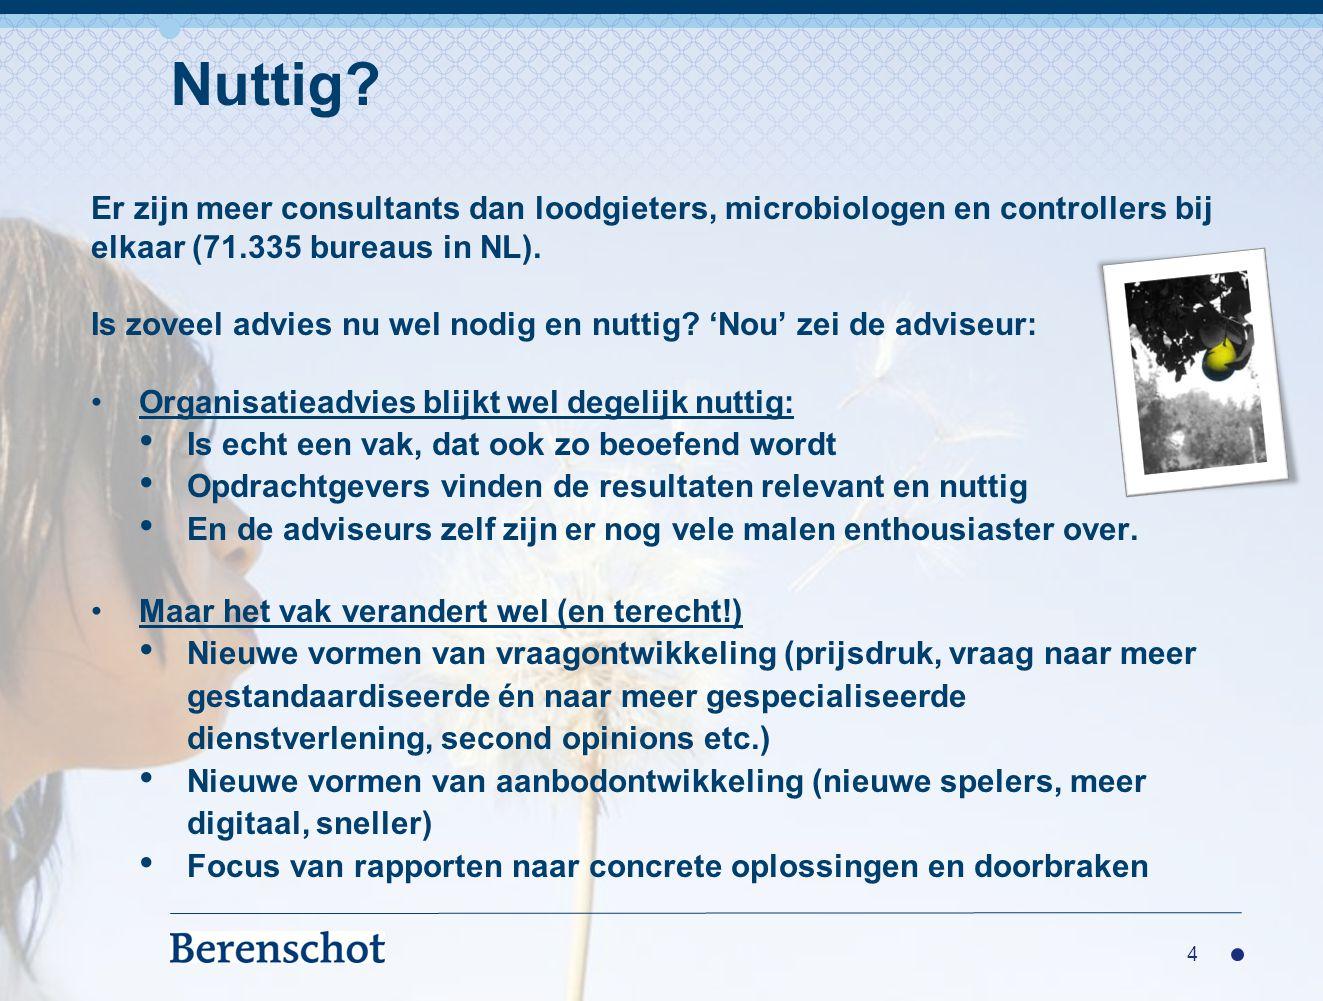 Er zijn meer consultants dan loodgieters, microbiologen en controllers bij elkaar (71.335 bureaus in NL).